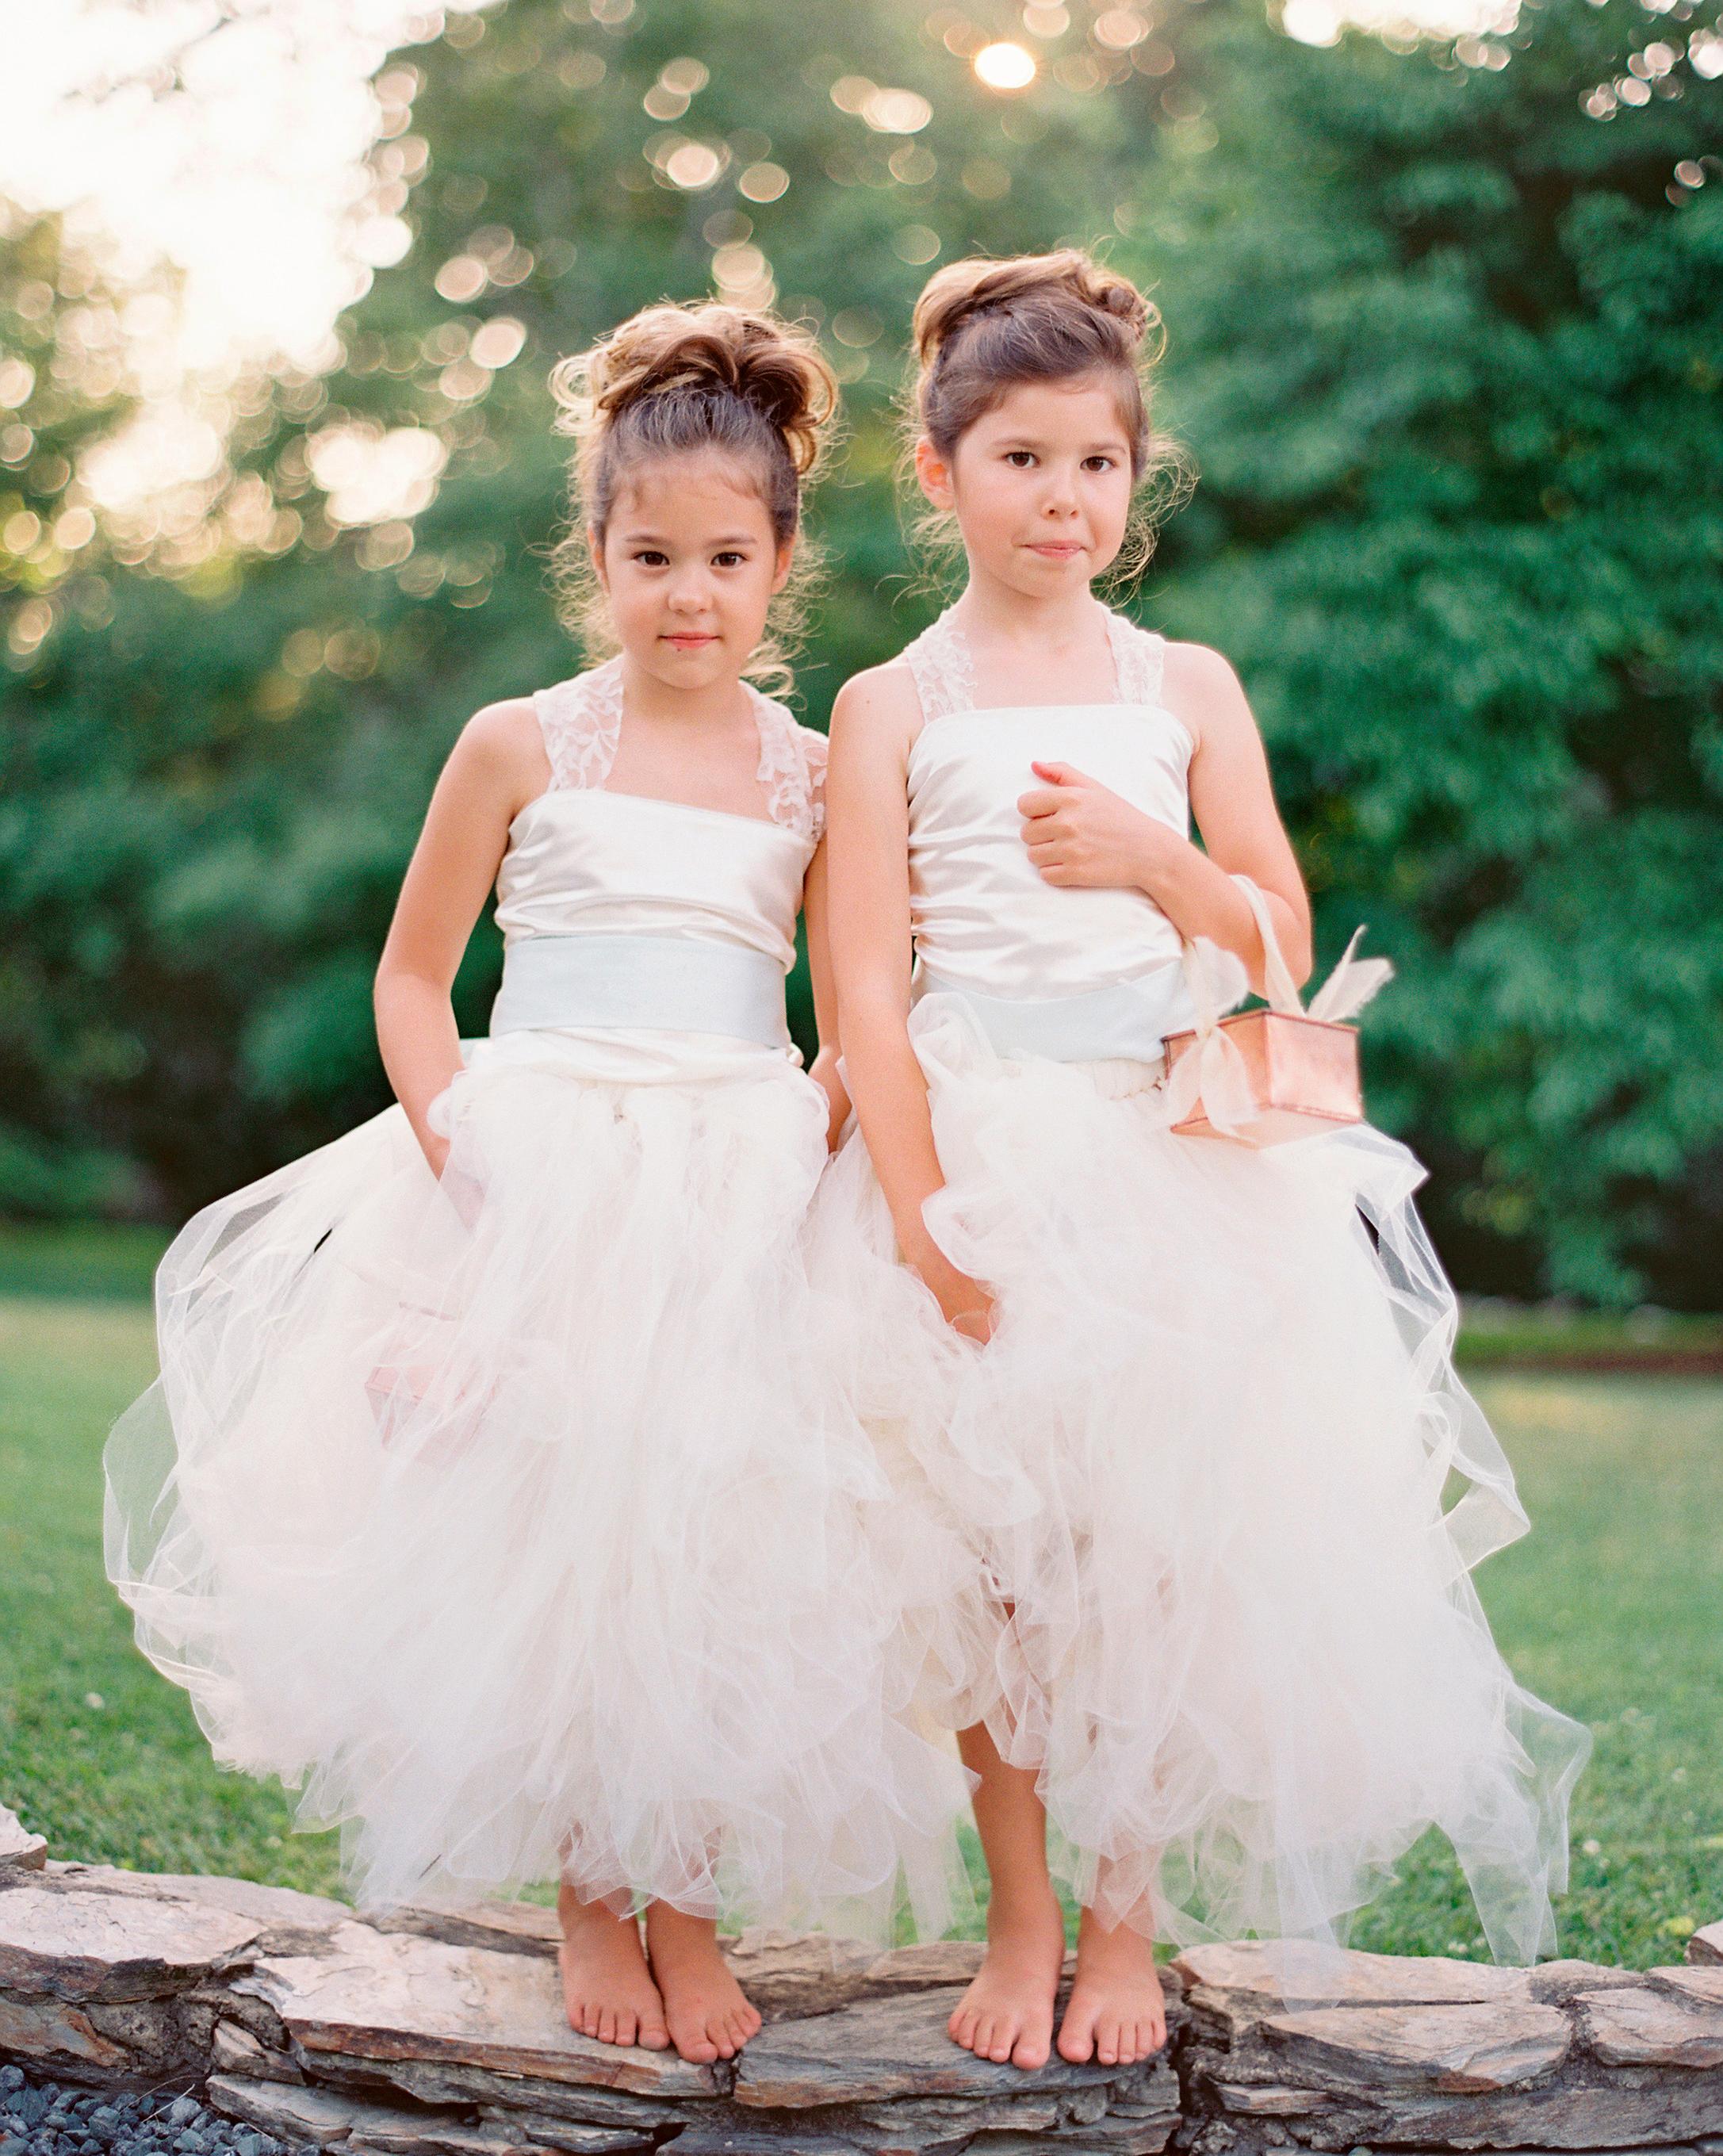 joanna-kyle-real-wedding-008968-r1-008-d111223-0814.jpg